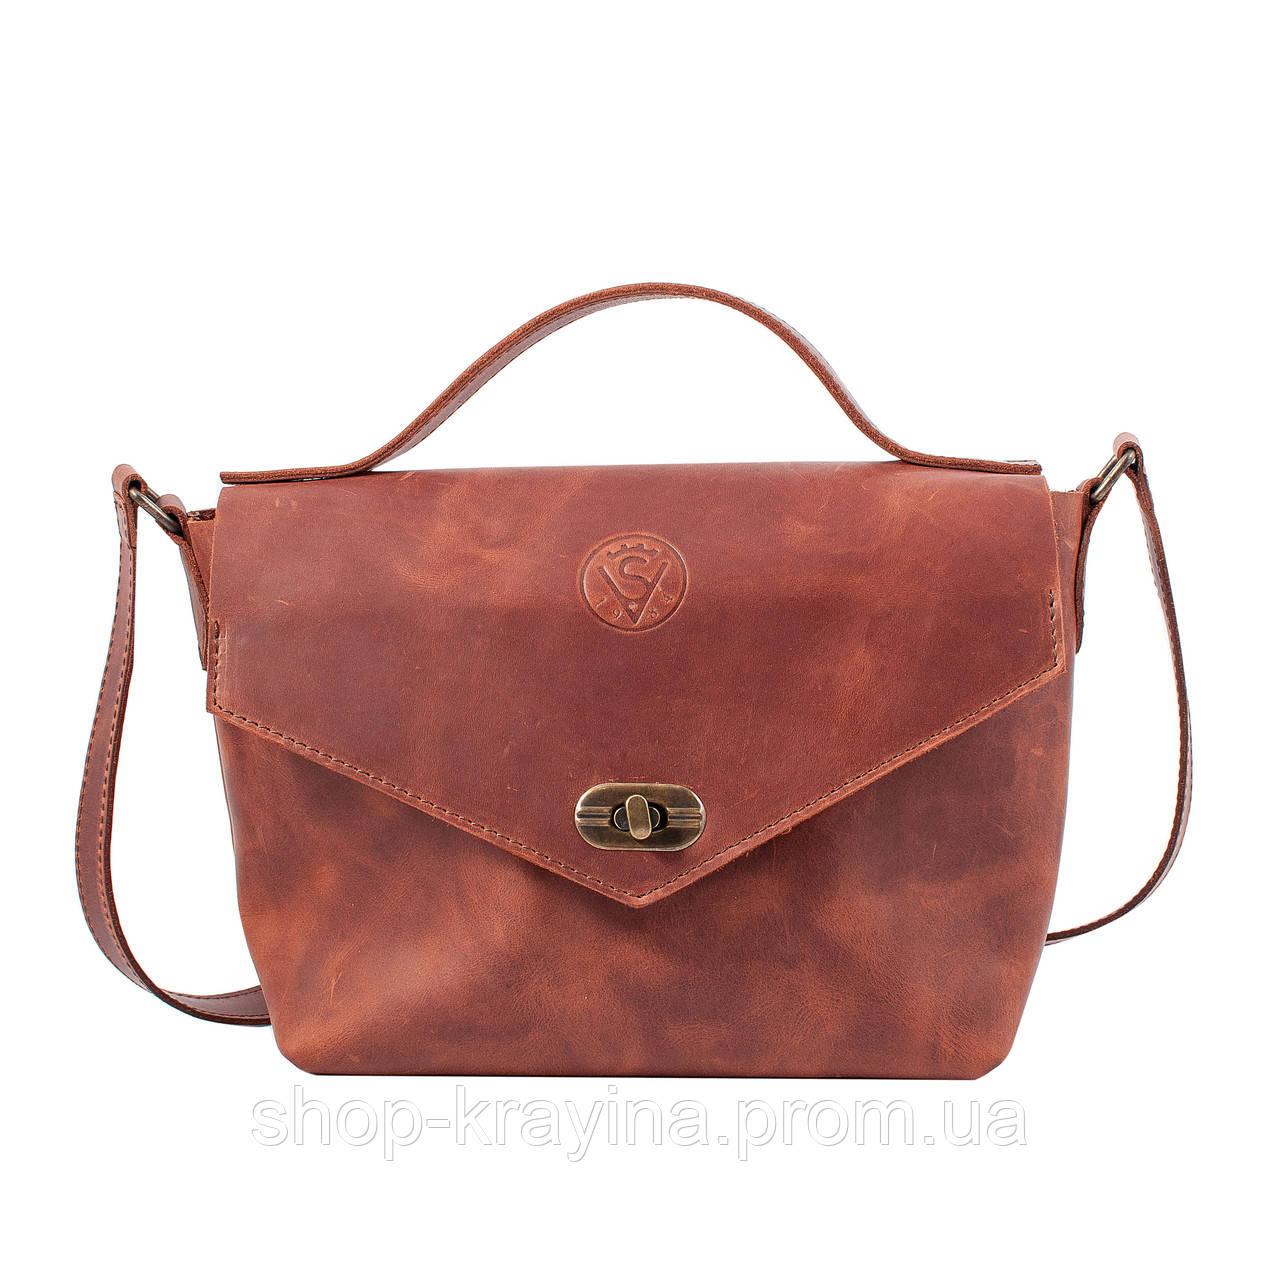 Кожаная сумка VS222 ginger 22х18х8 см